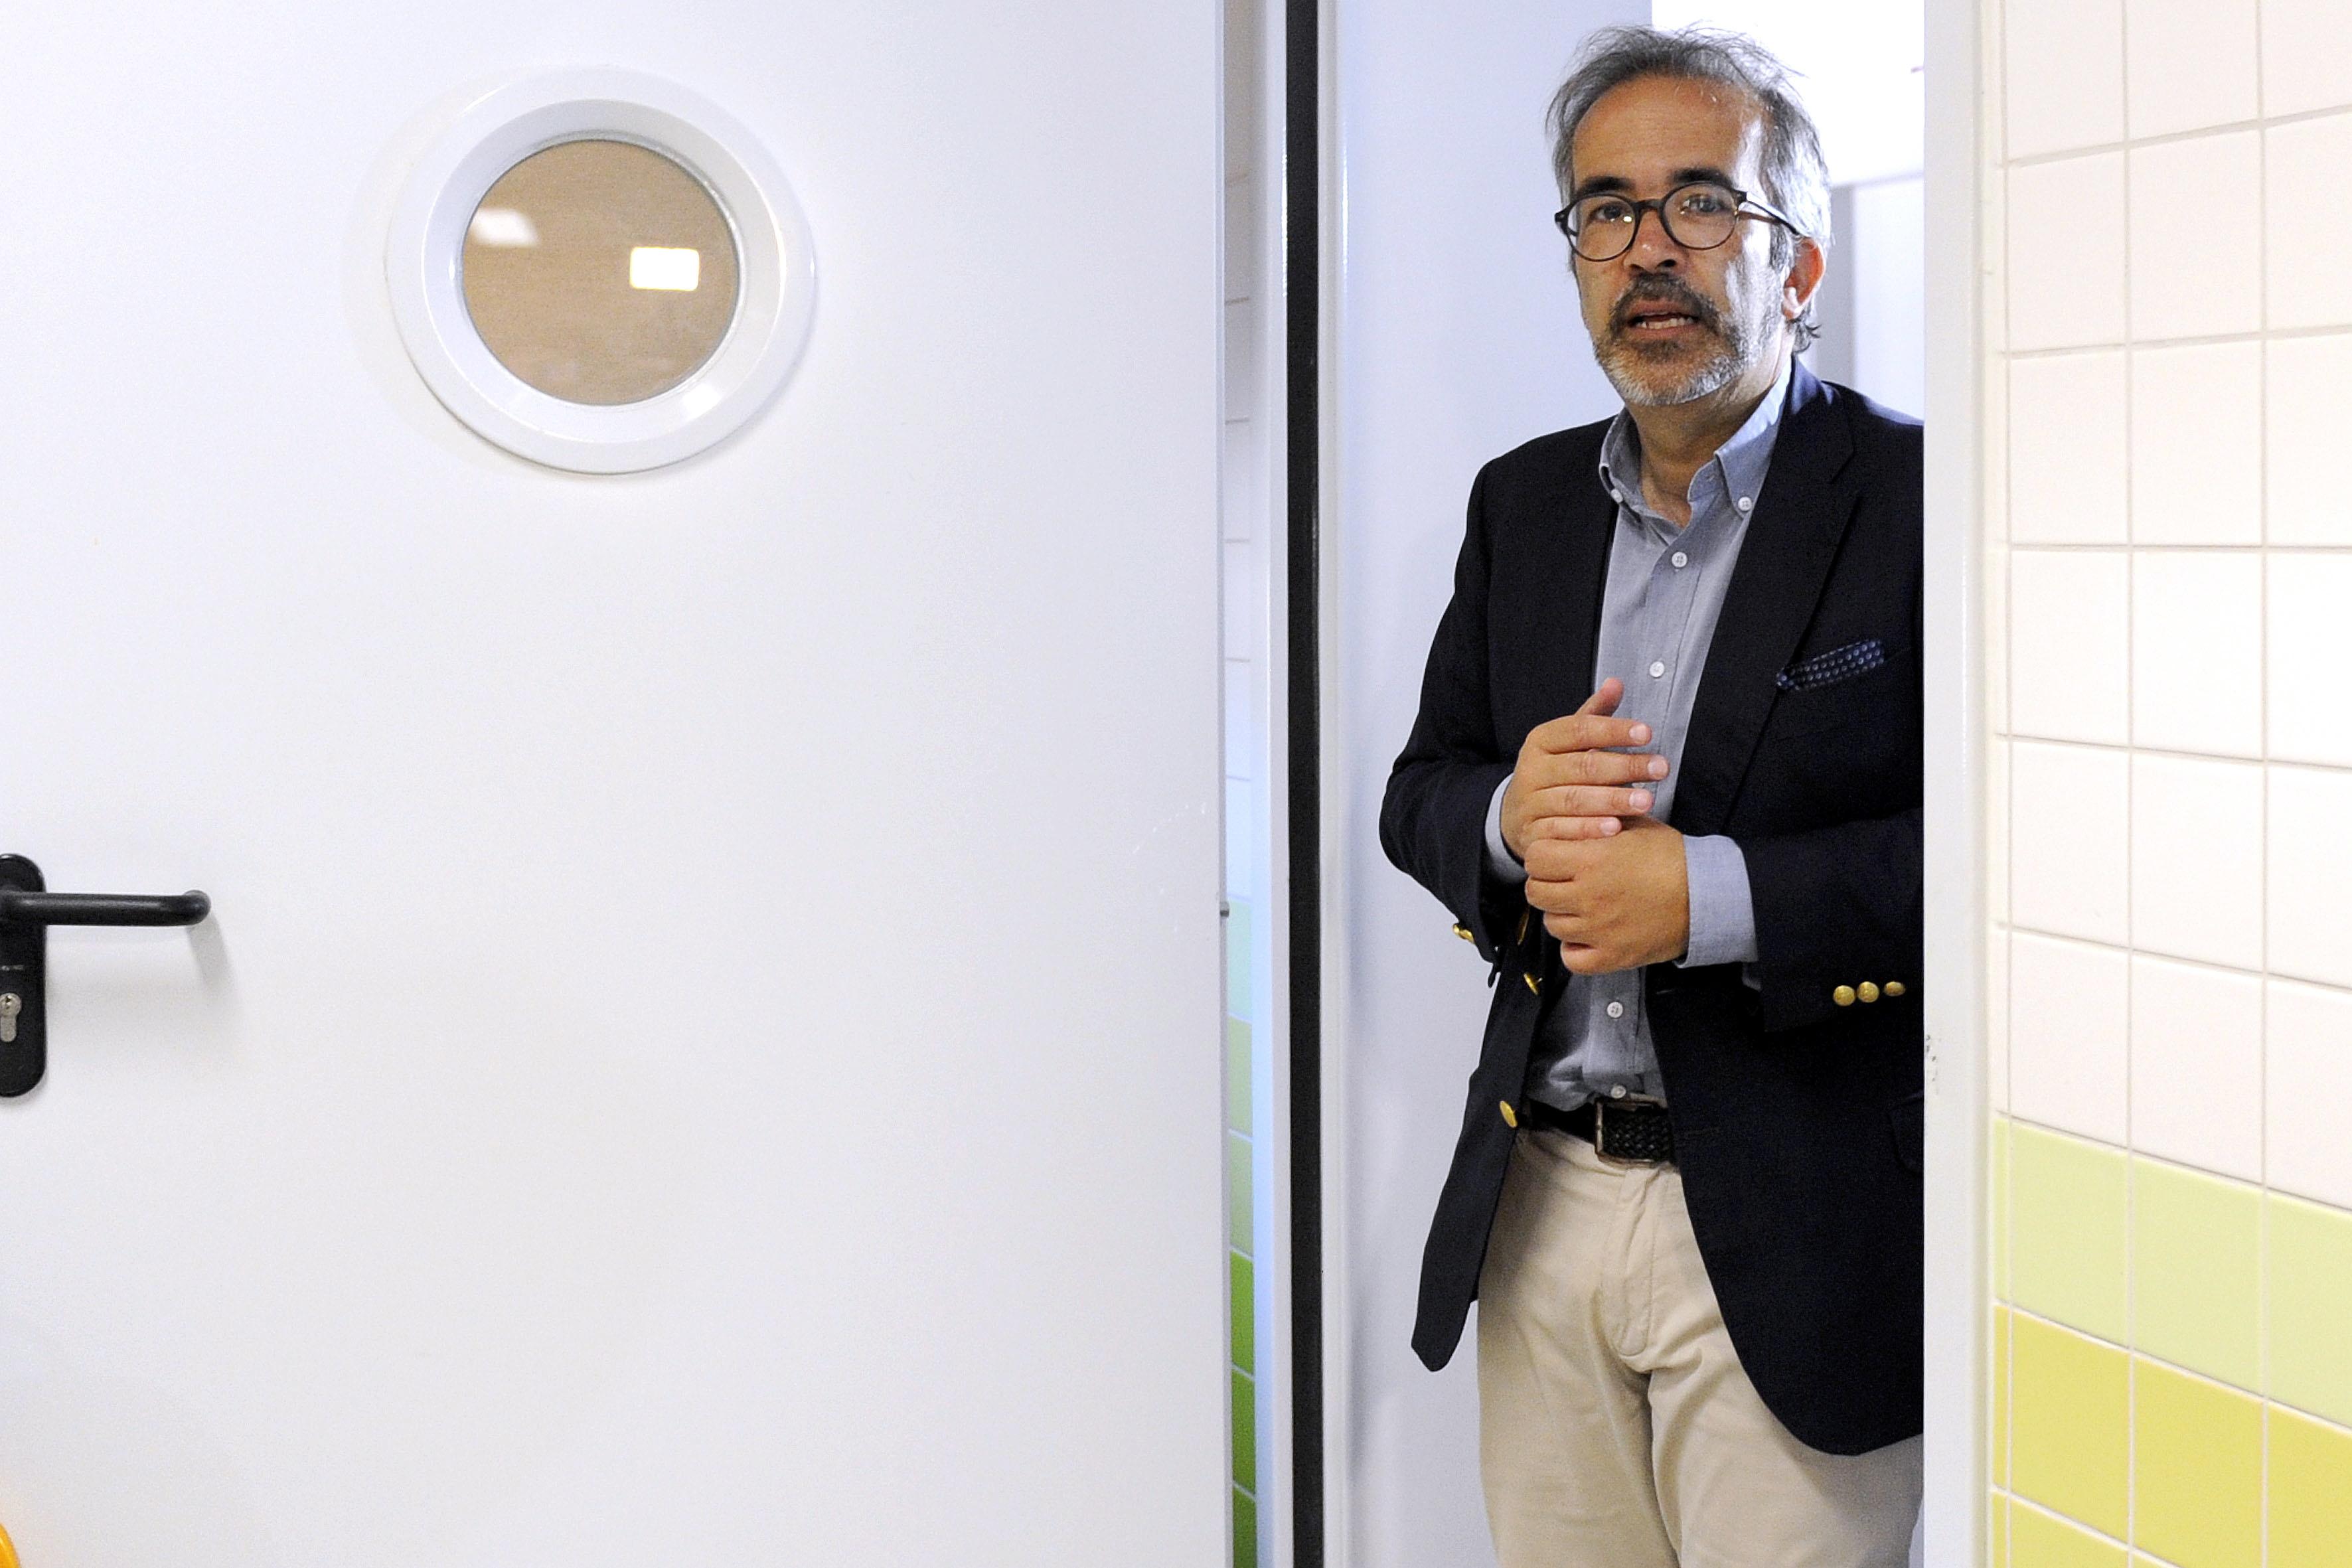 """PSD: Rangel apela à """"normalidade democrática"""" e considera que houve """"clarificação evidente"""""""